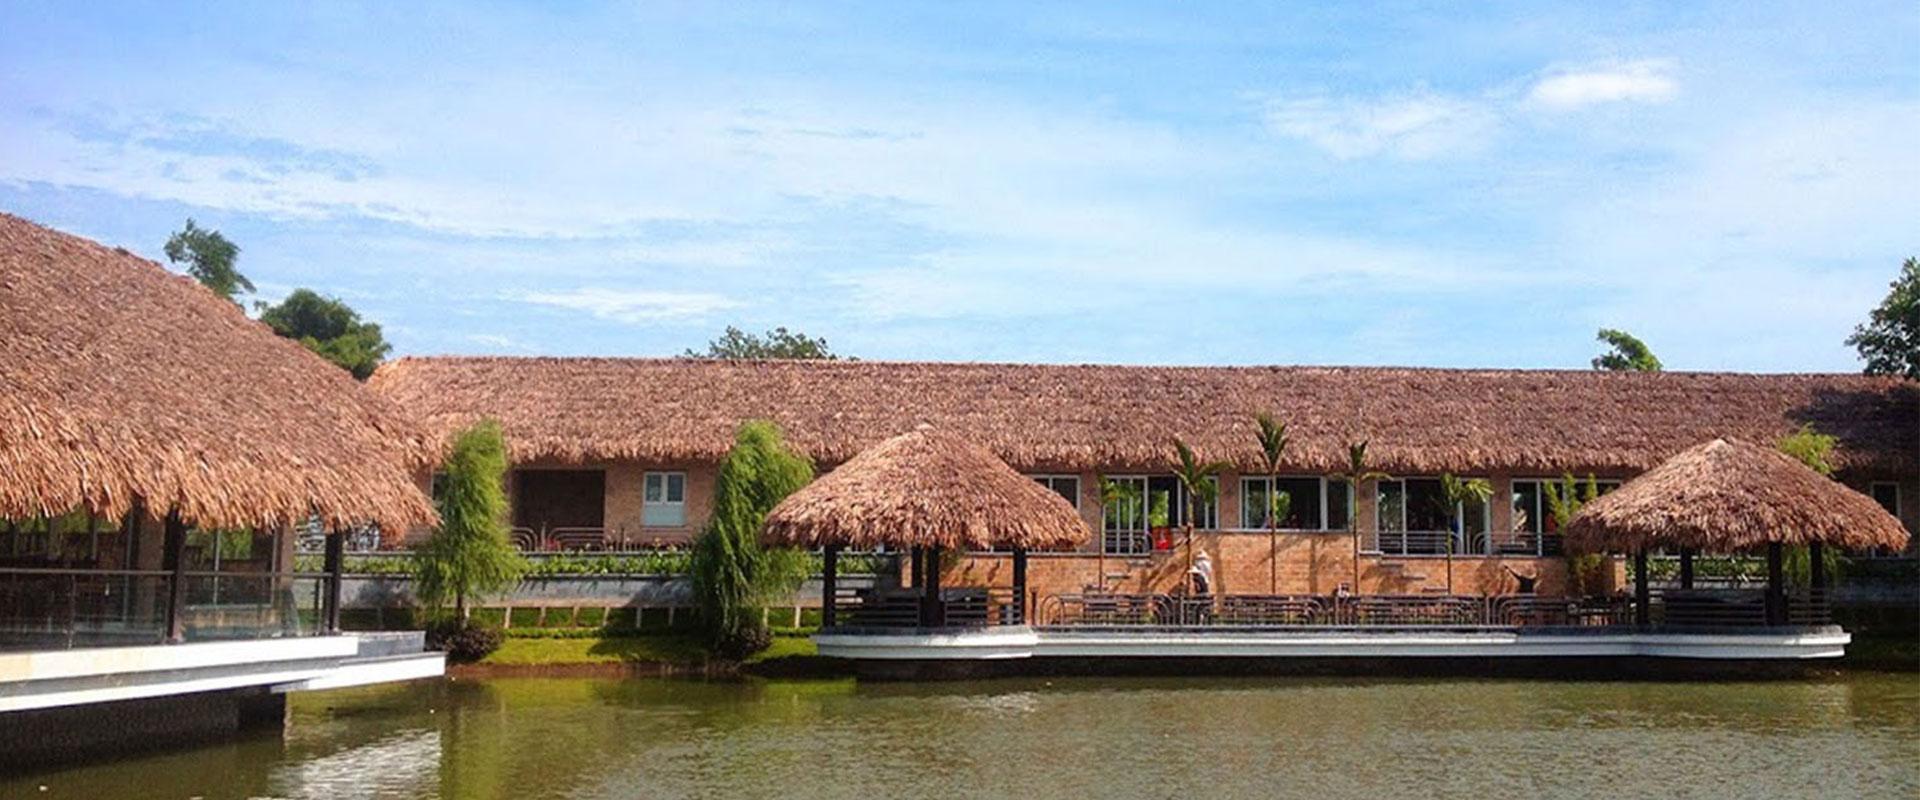 Thi công khu du lịch sinh thái bằng tre trúc